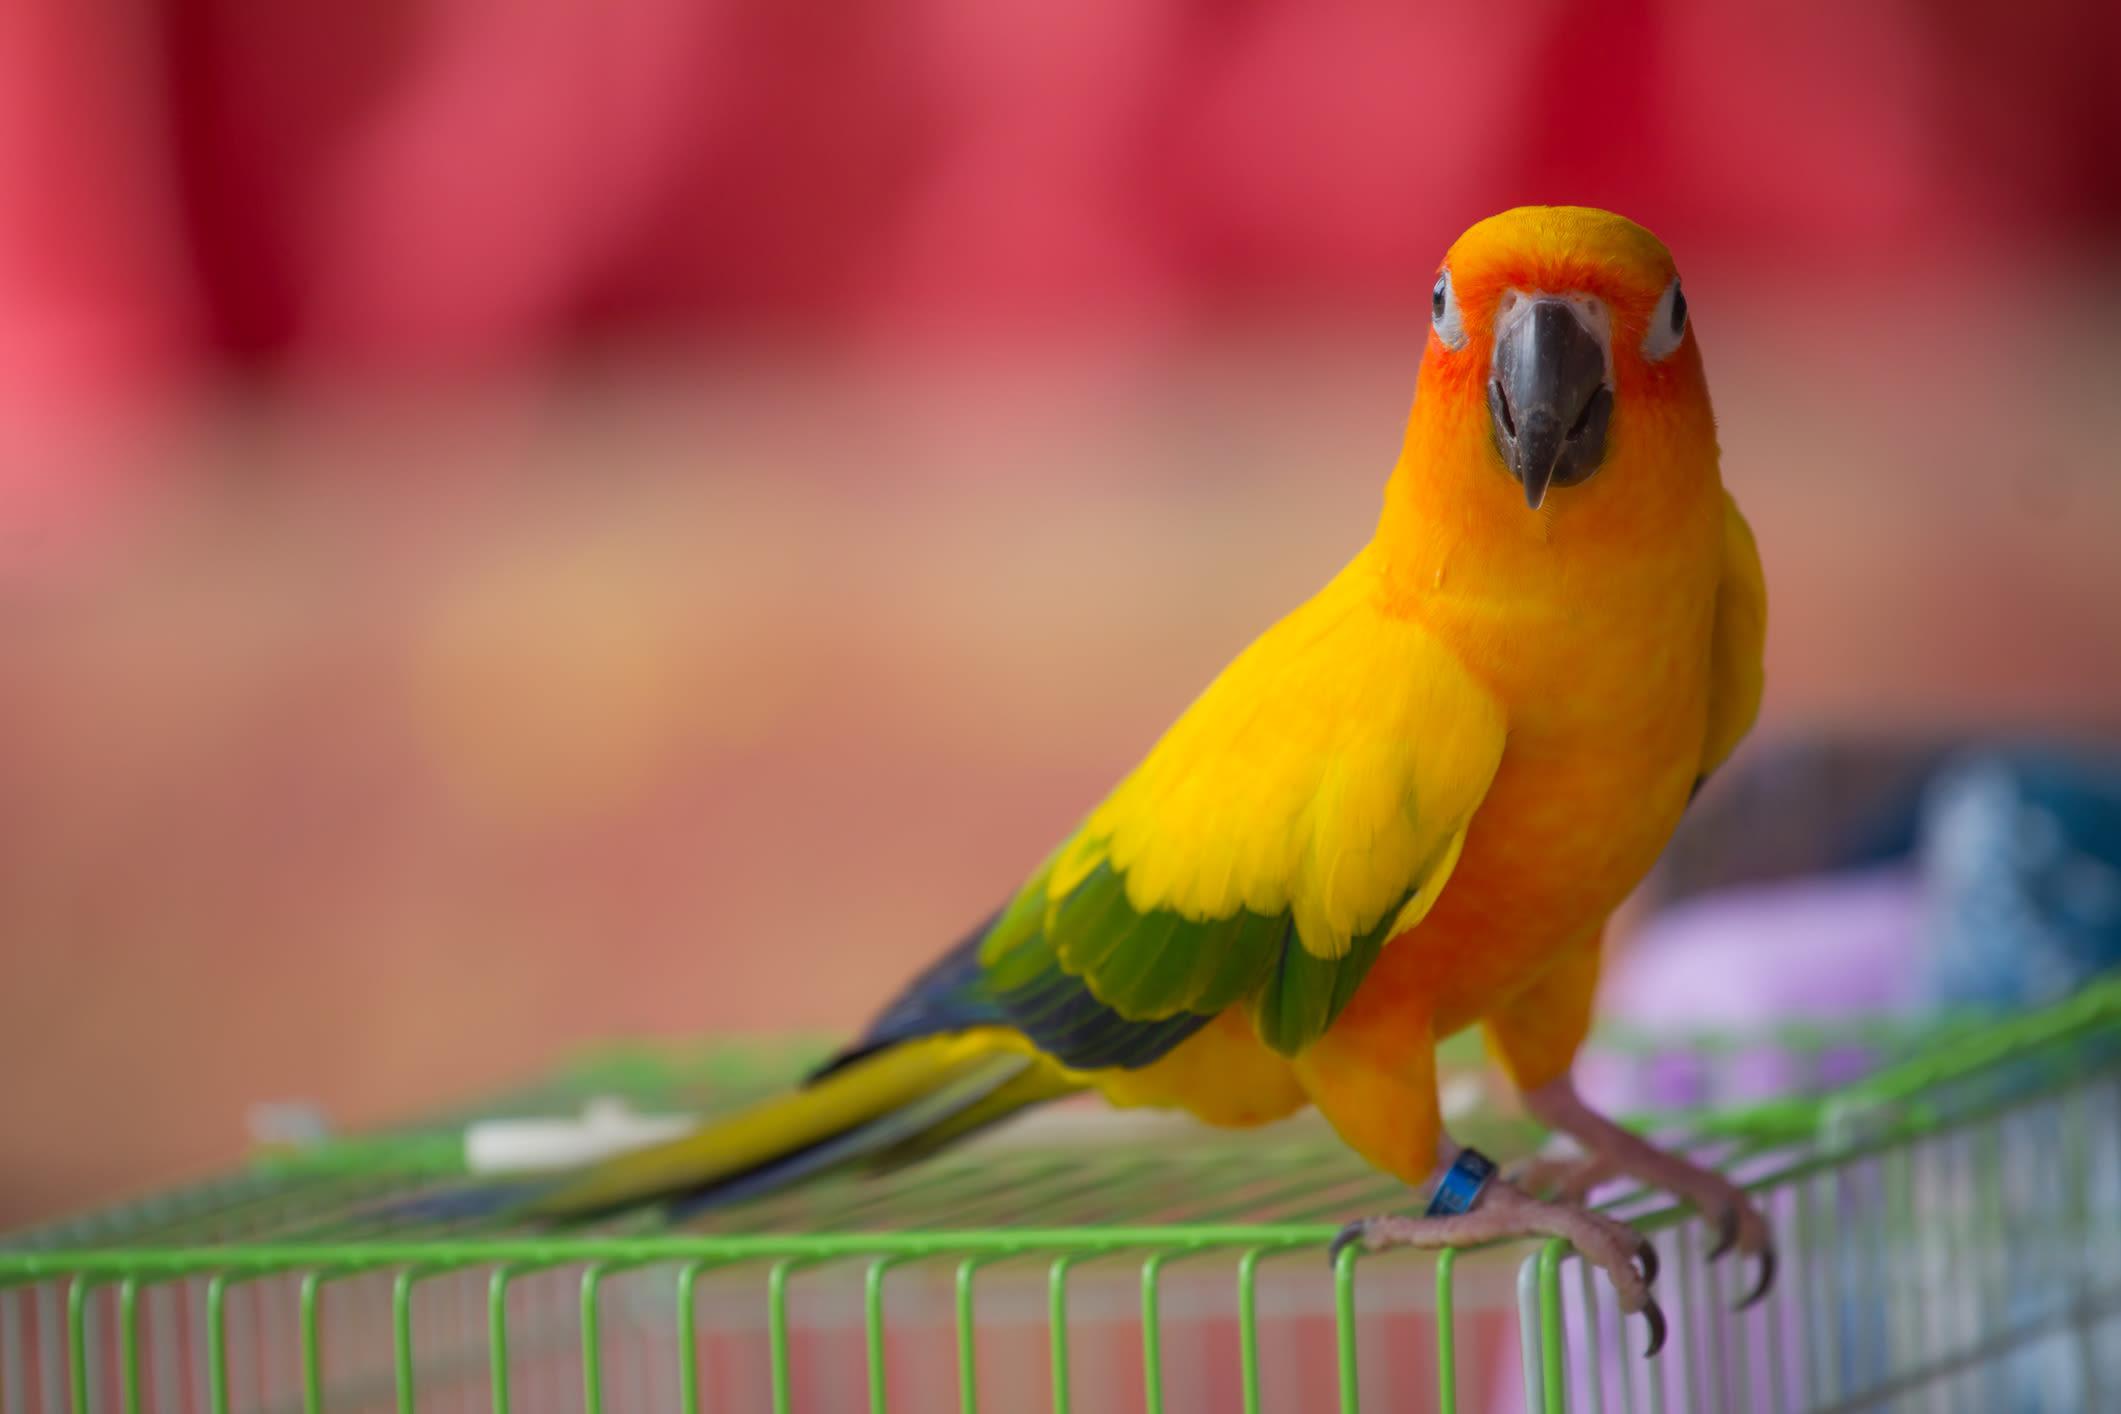 Beautiful color bird at Black Forest Veterinary Clinic in Colorado Springs, Colorado